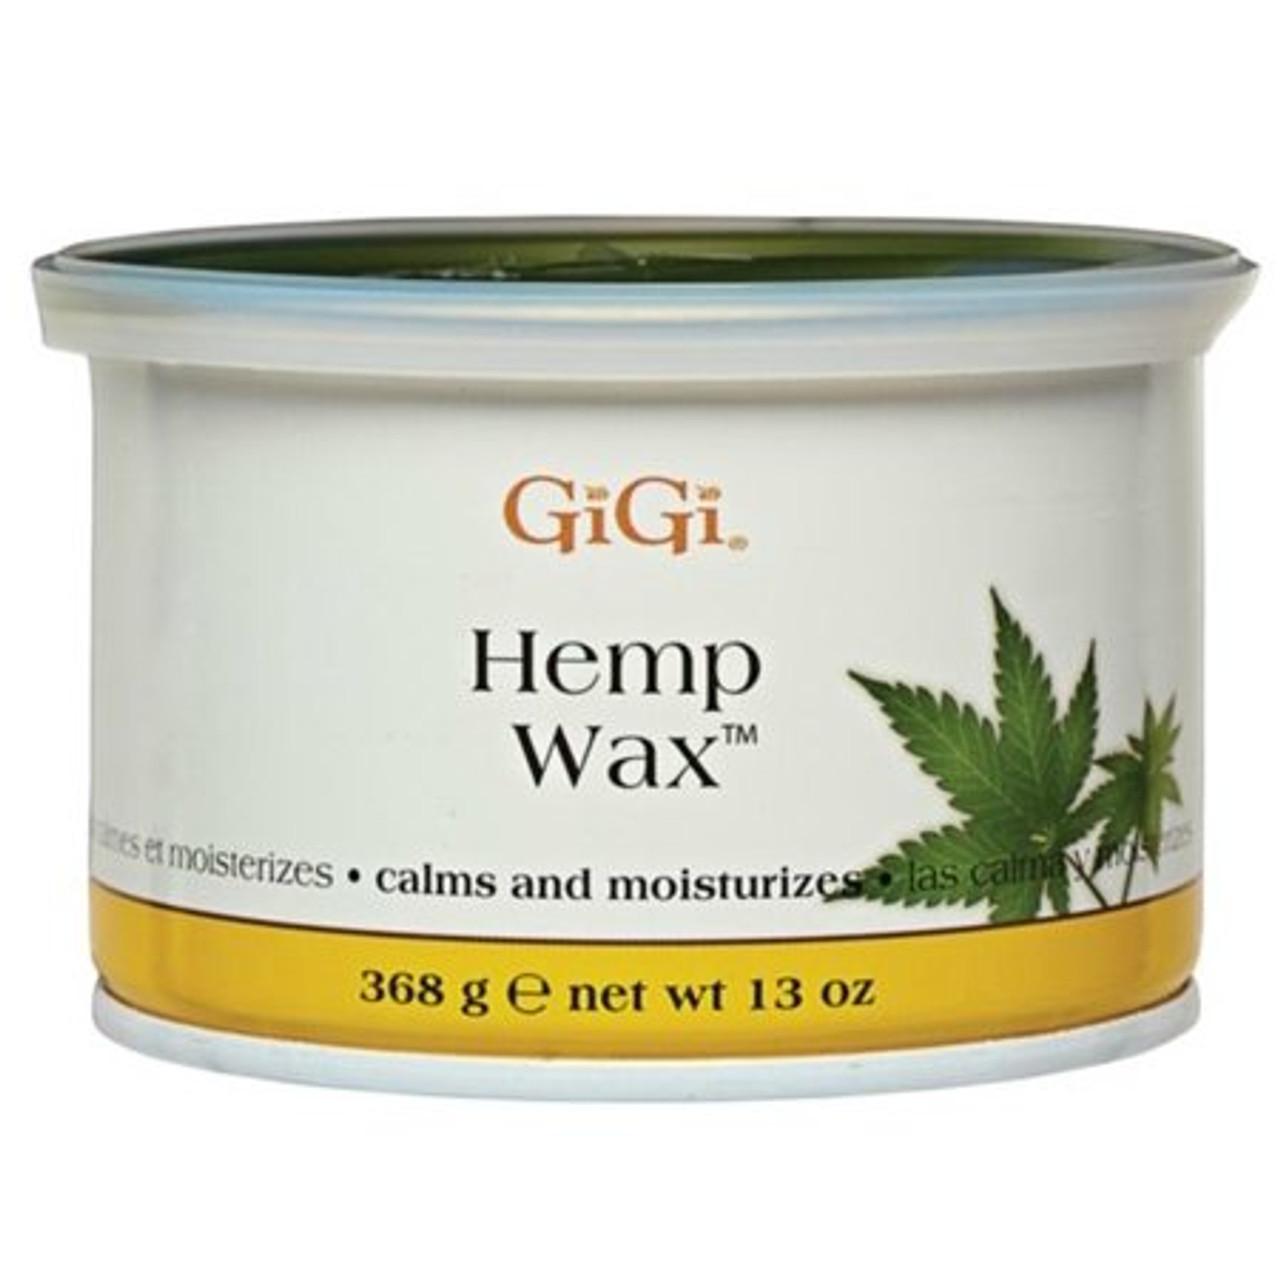 GiGi Hemp Wax